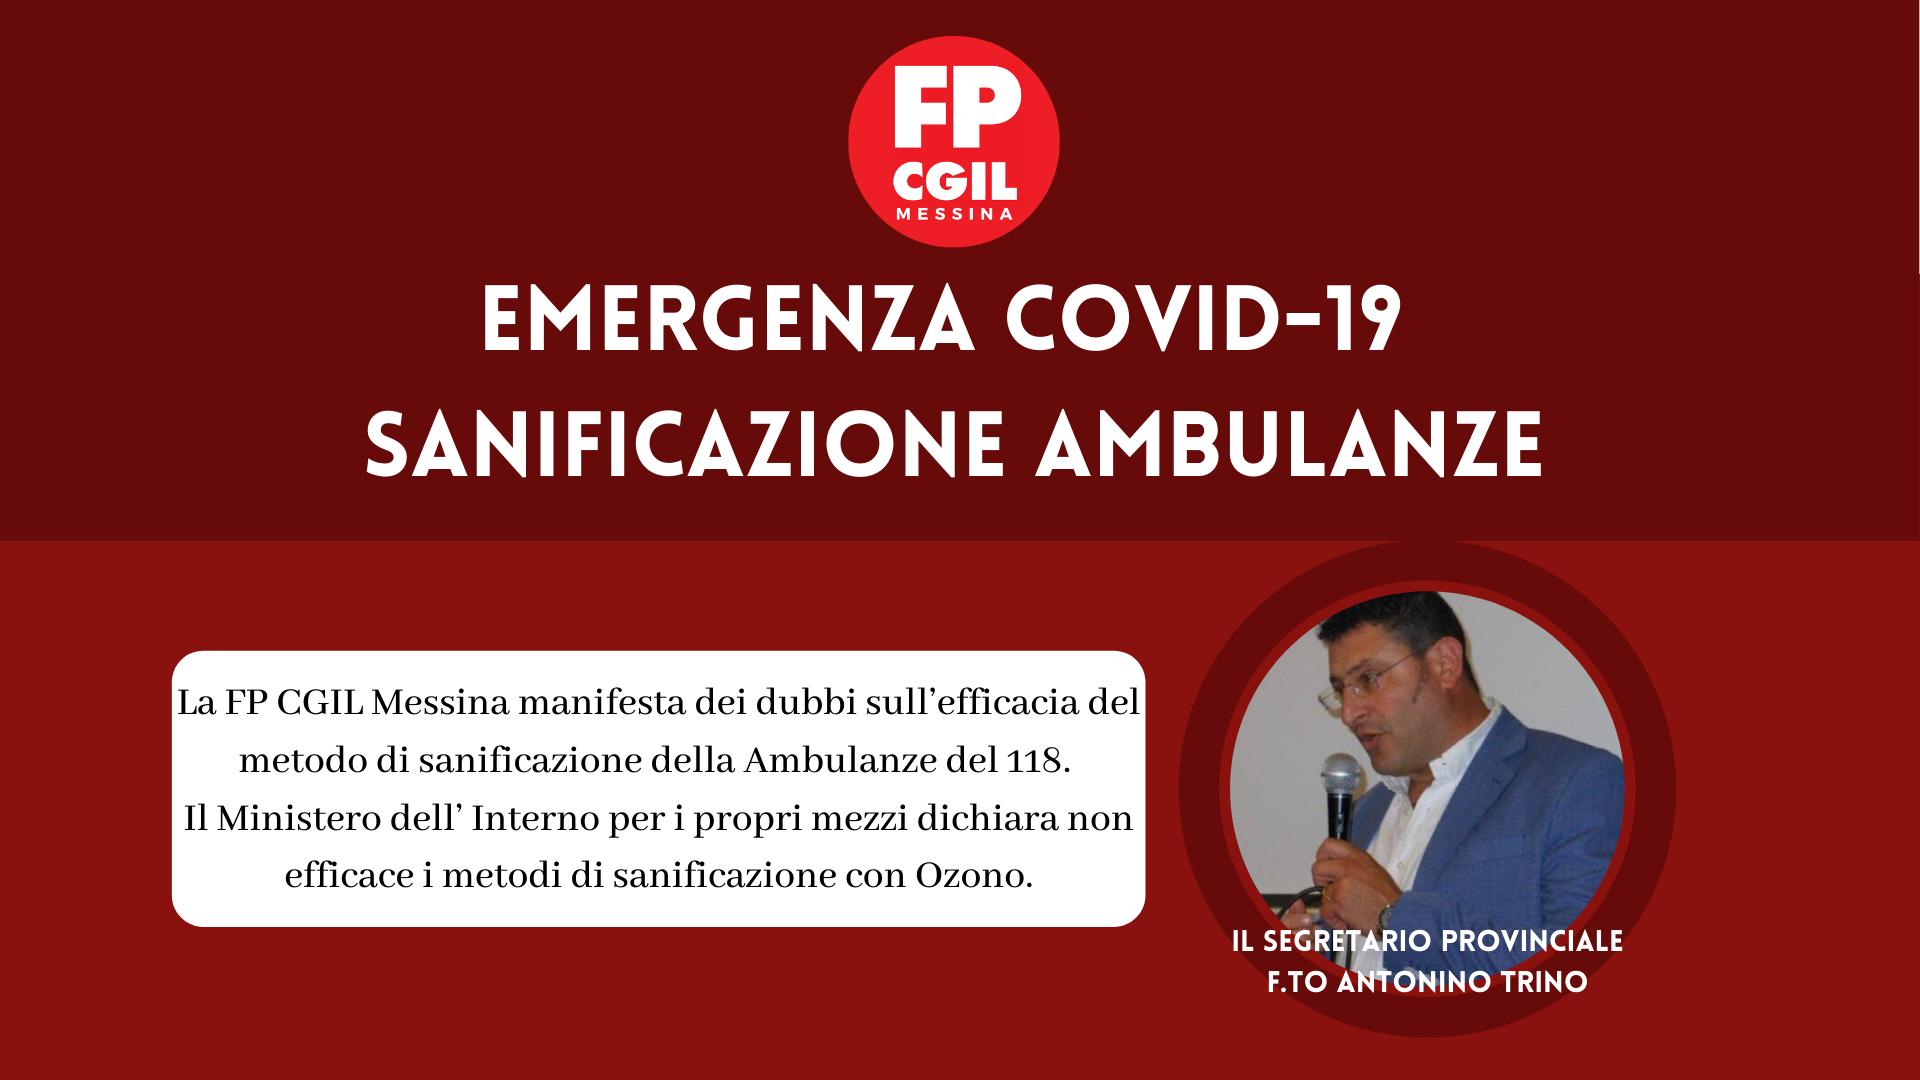 Emergenza COVID-19 Sanificazione Ambulanze